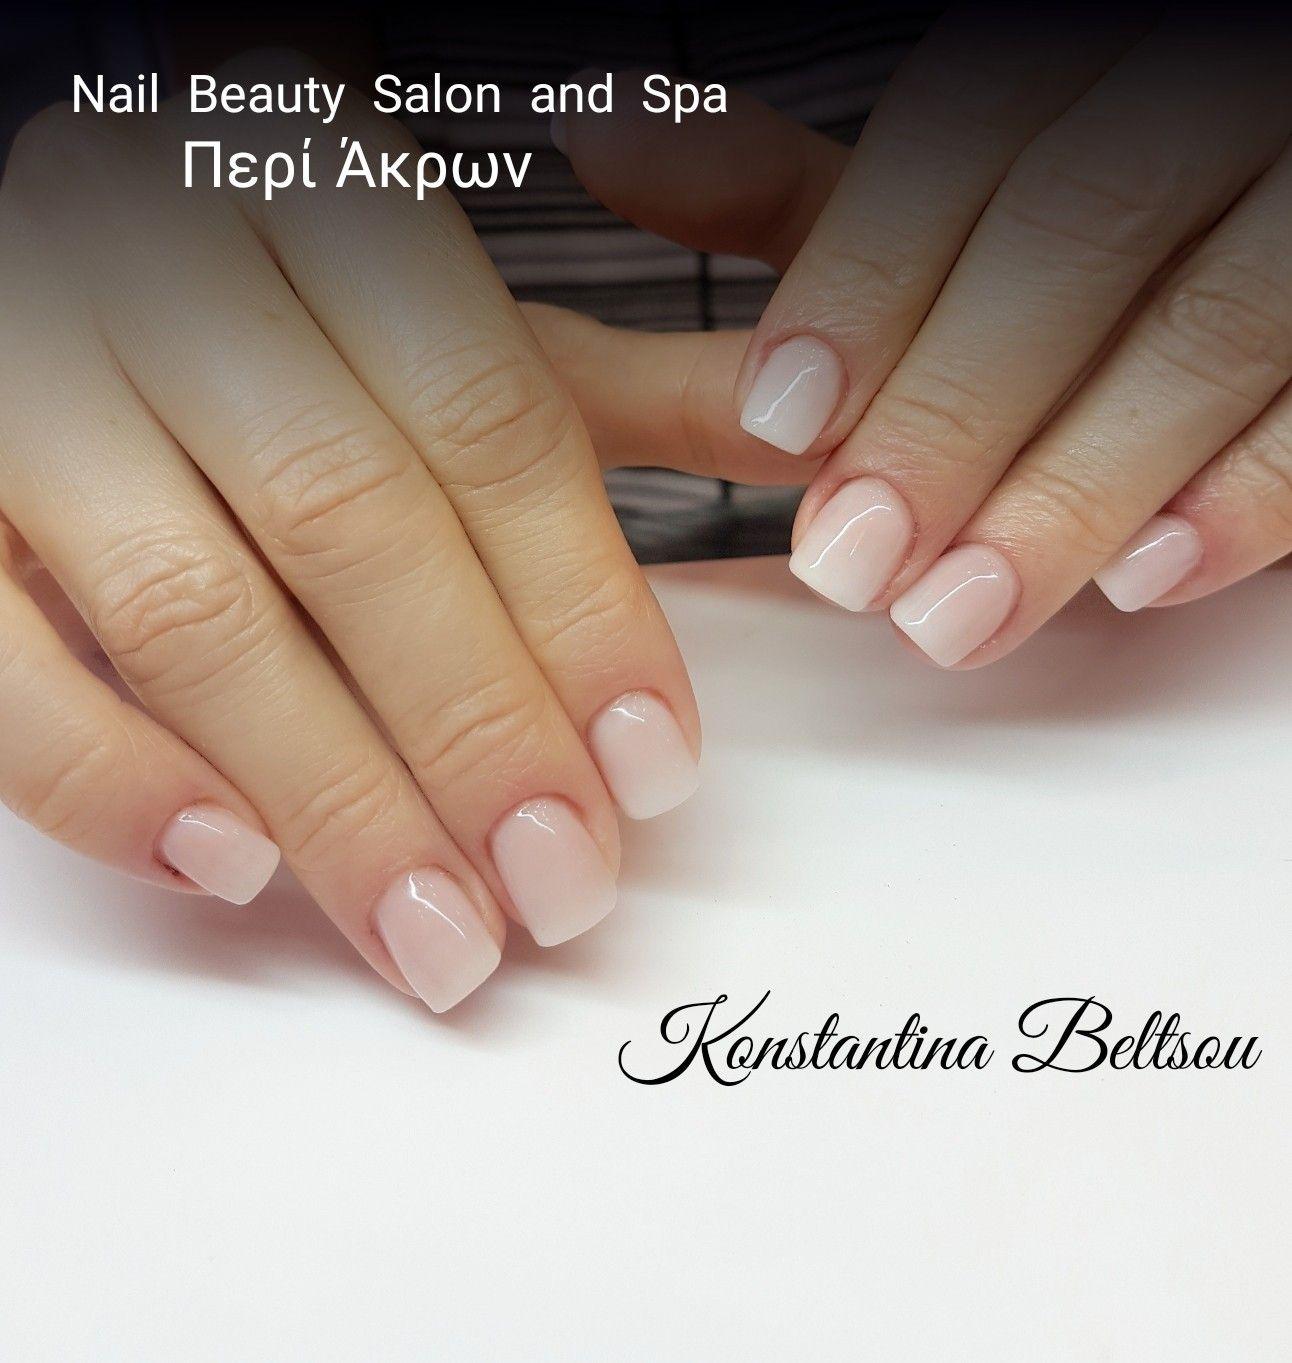 Acrylic Nails Babyboomer Short Nails Square Oval Shape Nails | Nails By Konstantina Beltsou ...